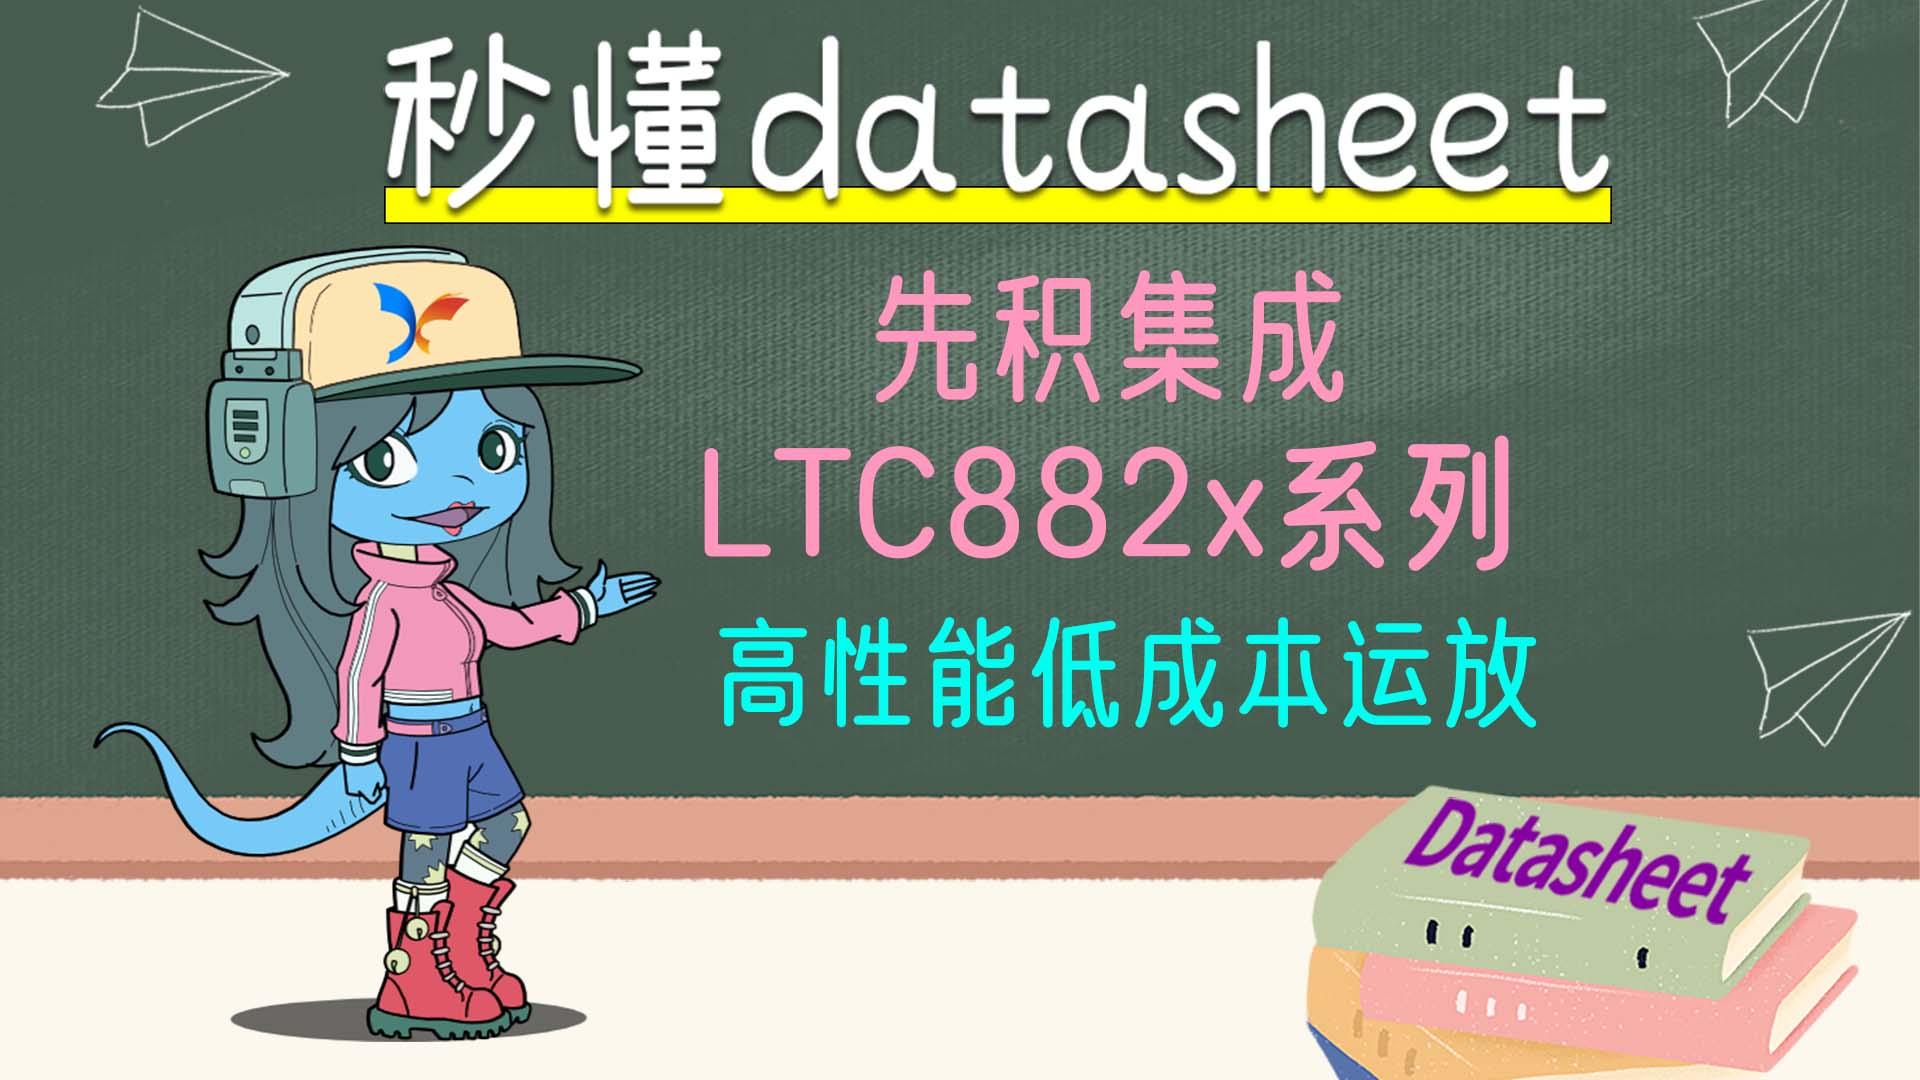 【秒懂datasheet】先积集成LTC882x系列 通用型运放